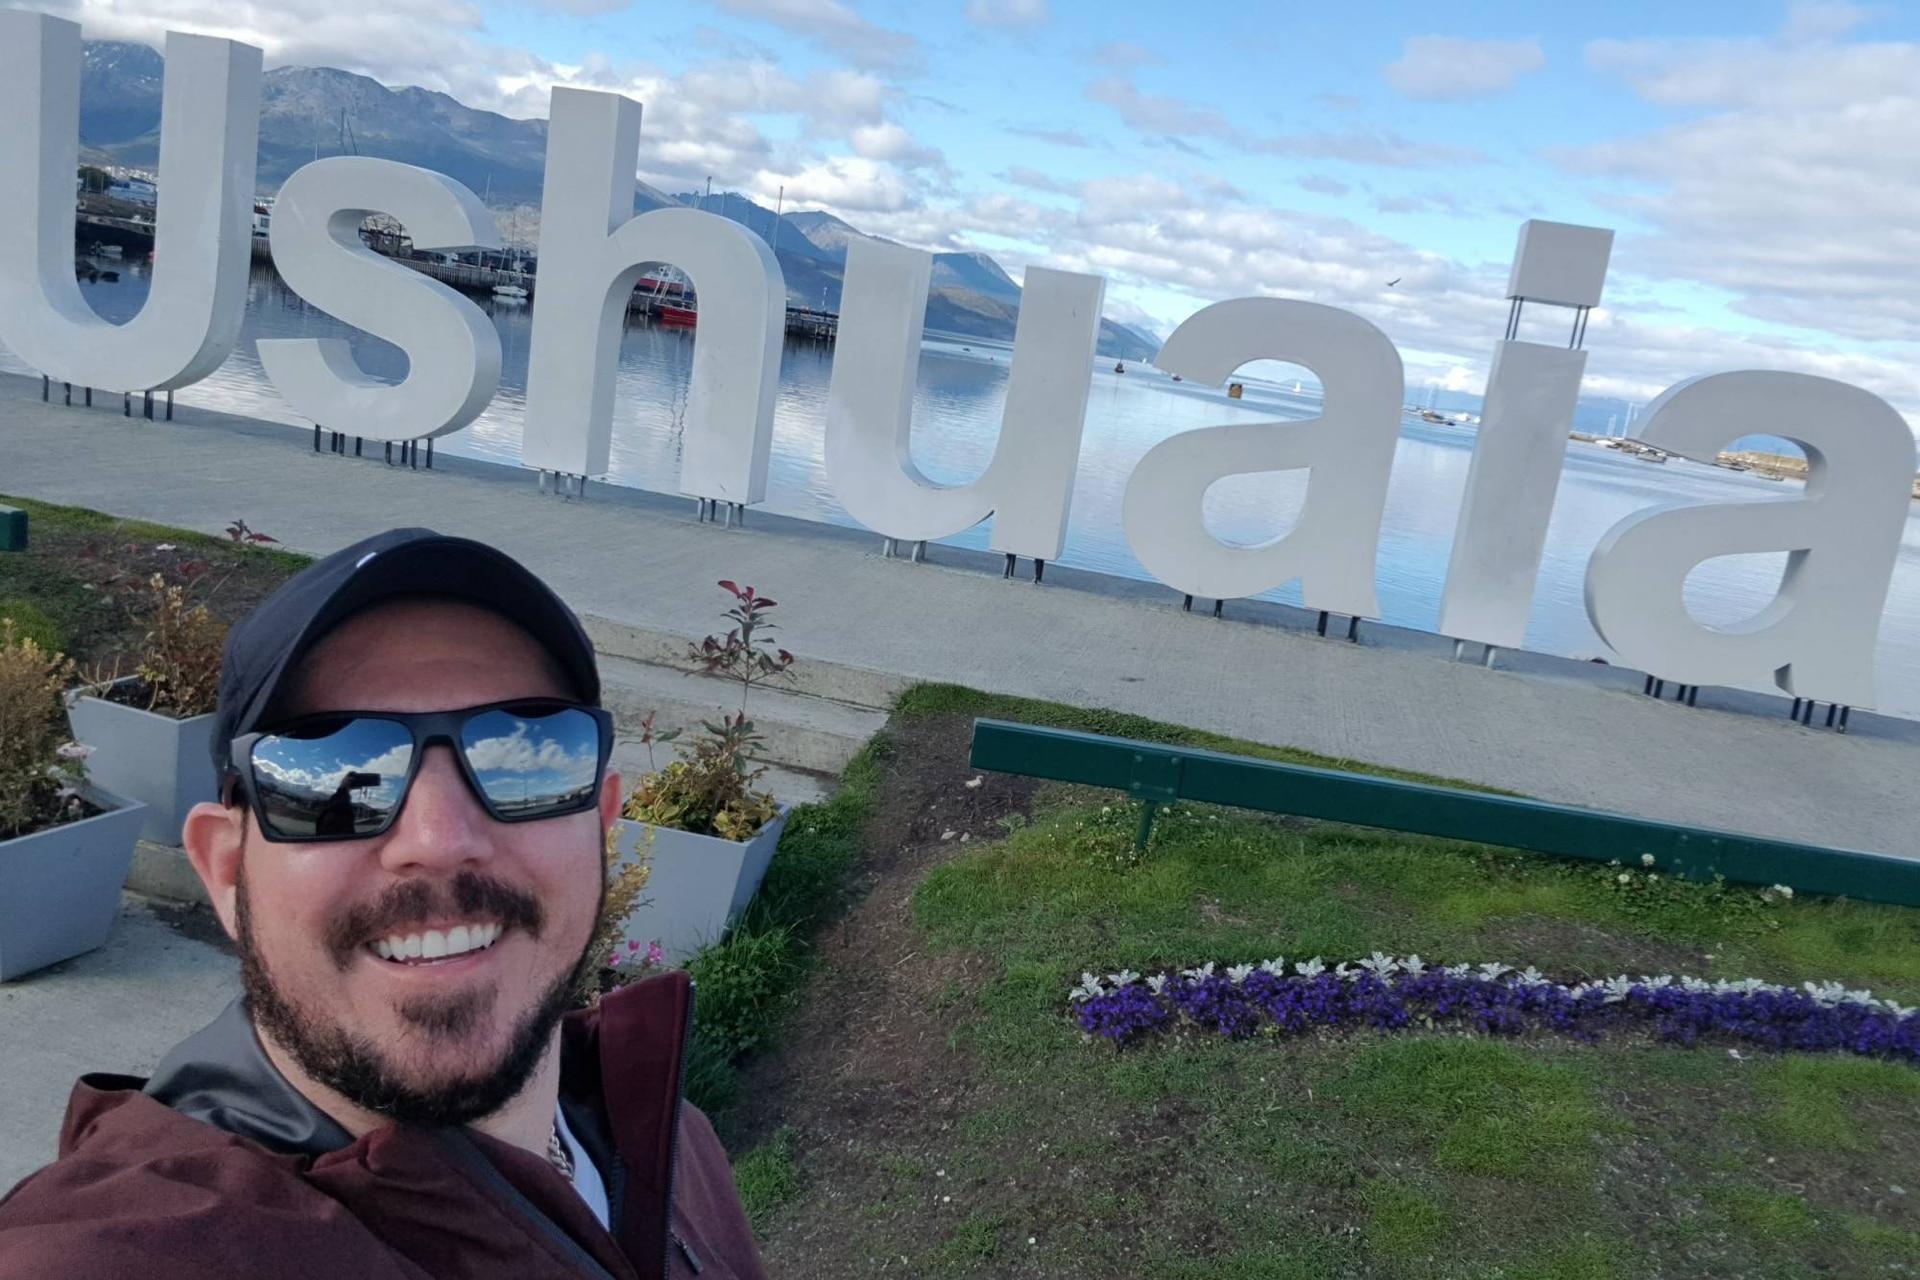 Leonardo en Tierra del Fuego, Argentina.